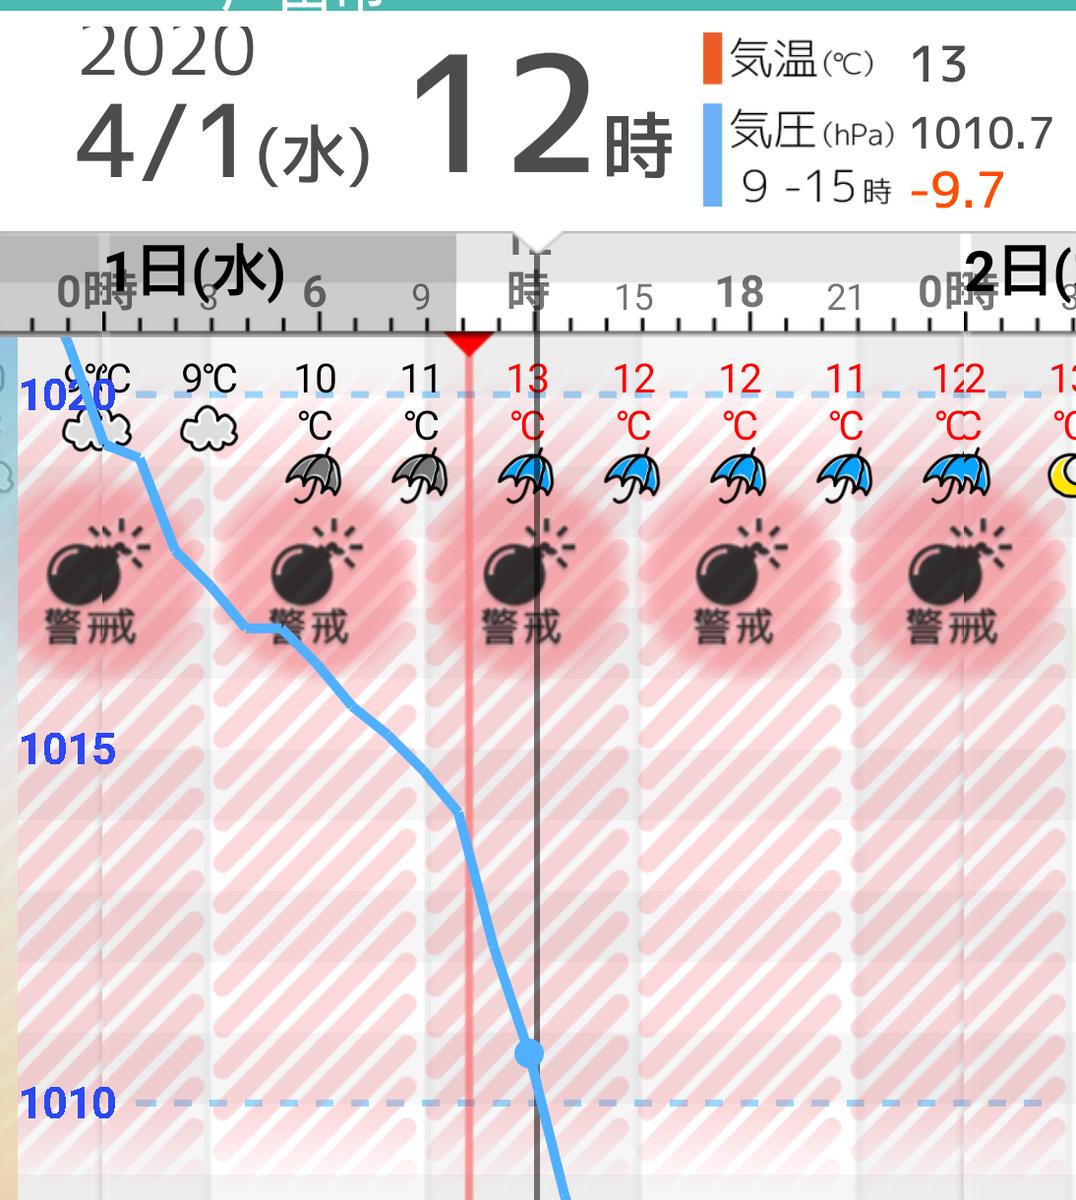 f:id:miyuki1967:20200401113357p:plain:w450